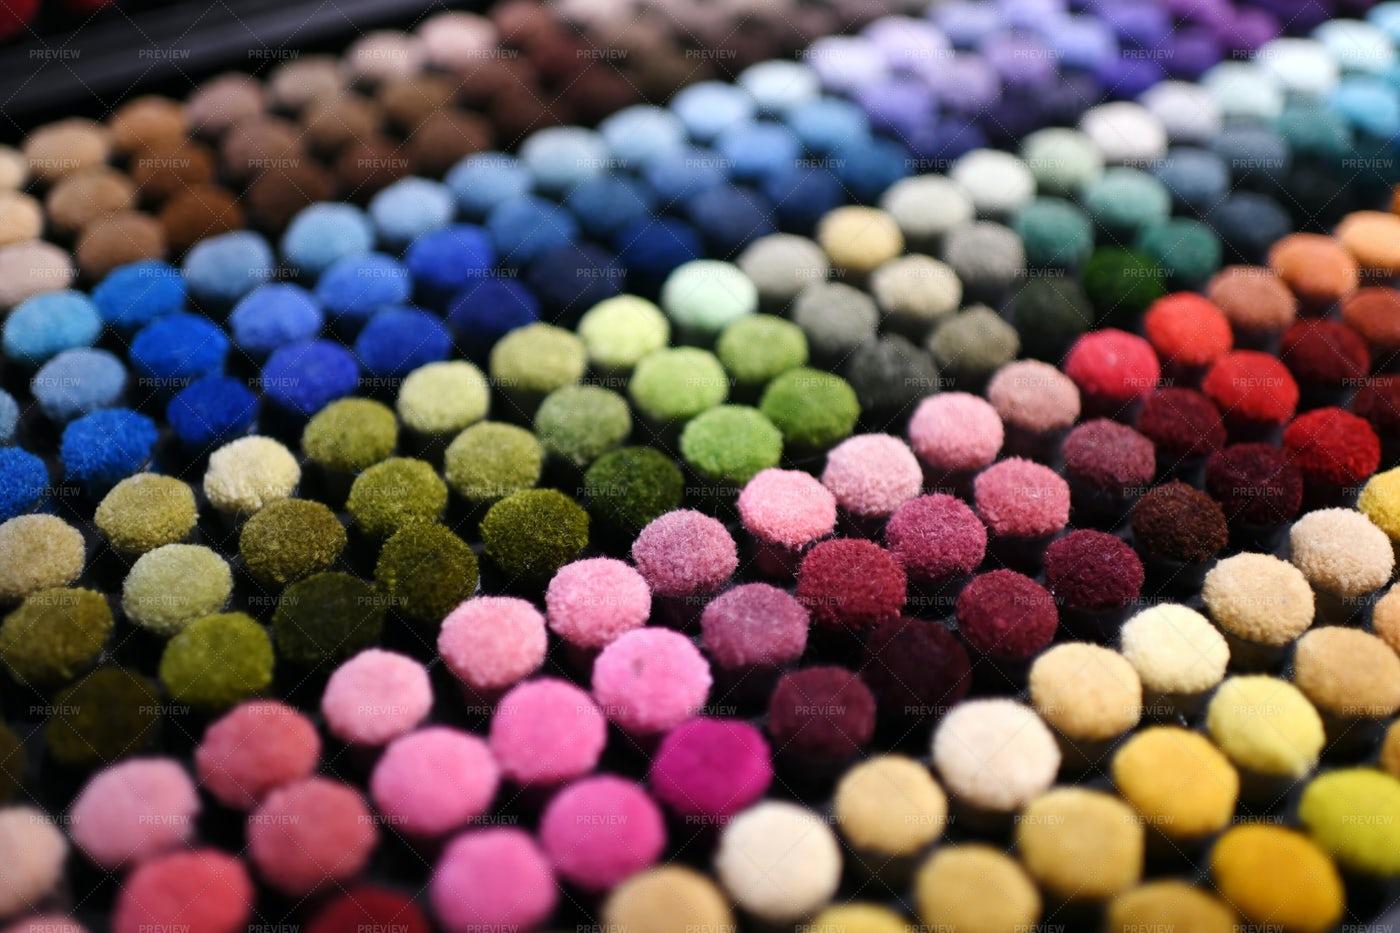 Colorful Moquette Textile: Stock Photos